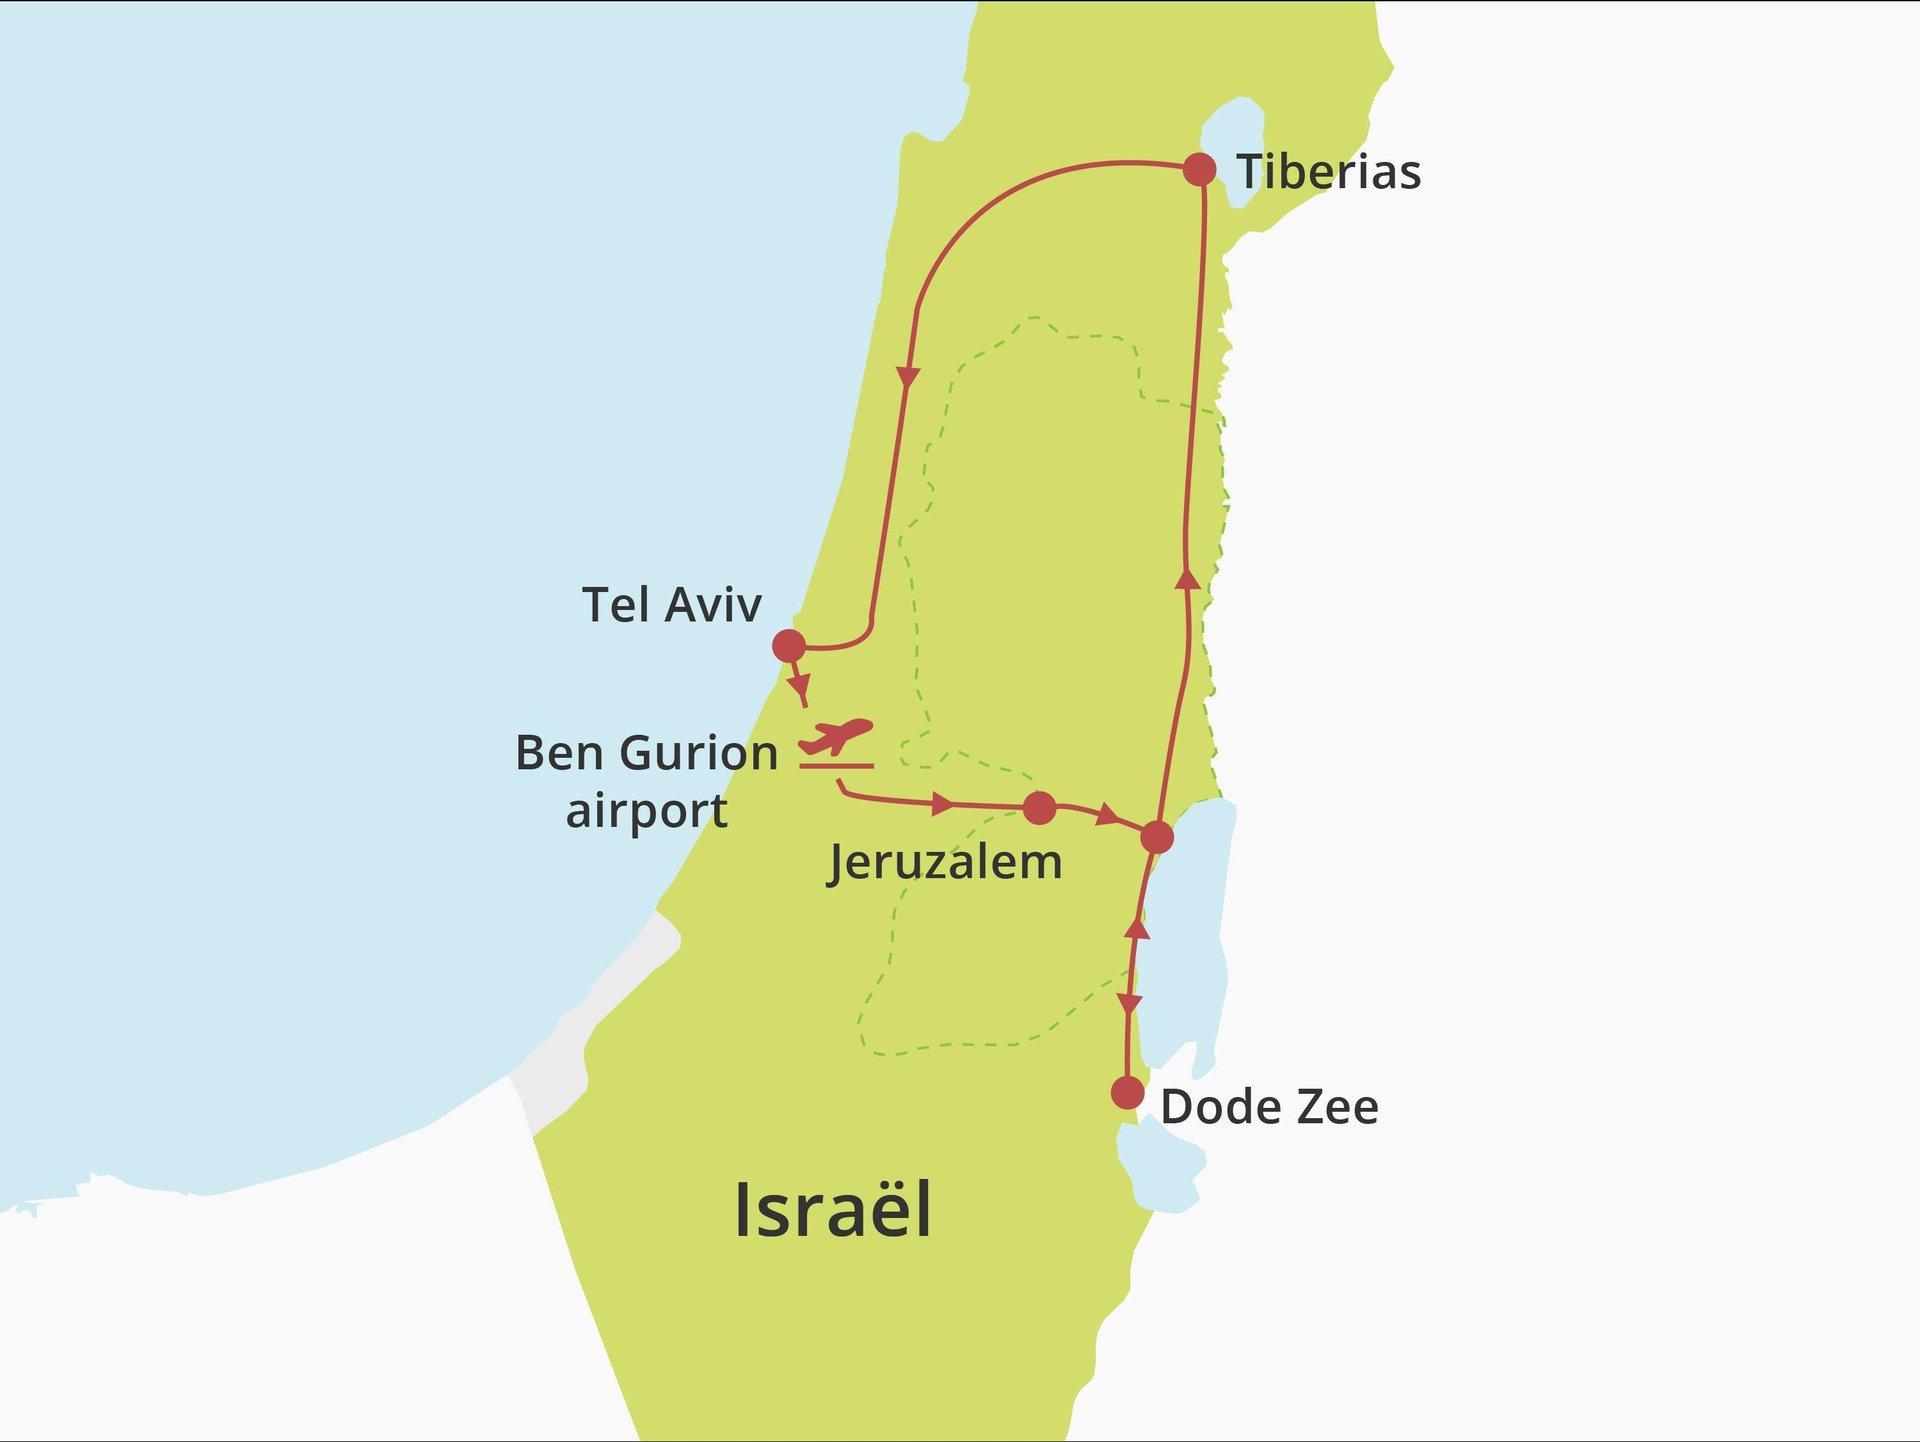 Kibboets country lodging  fly-drive Jeruzalem-Dode Zee-Noord-Tel Aviv